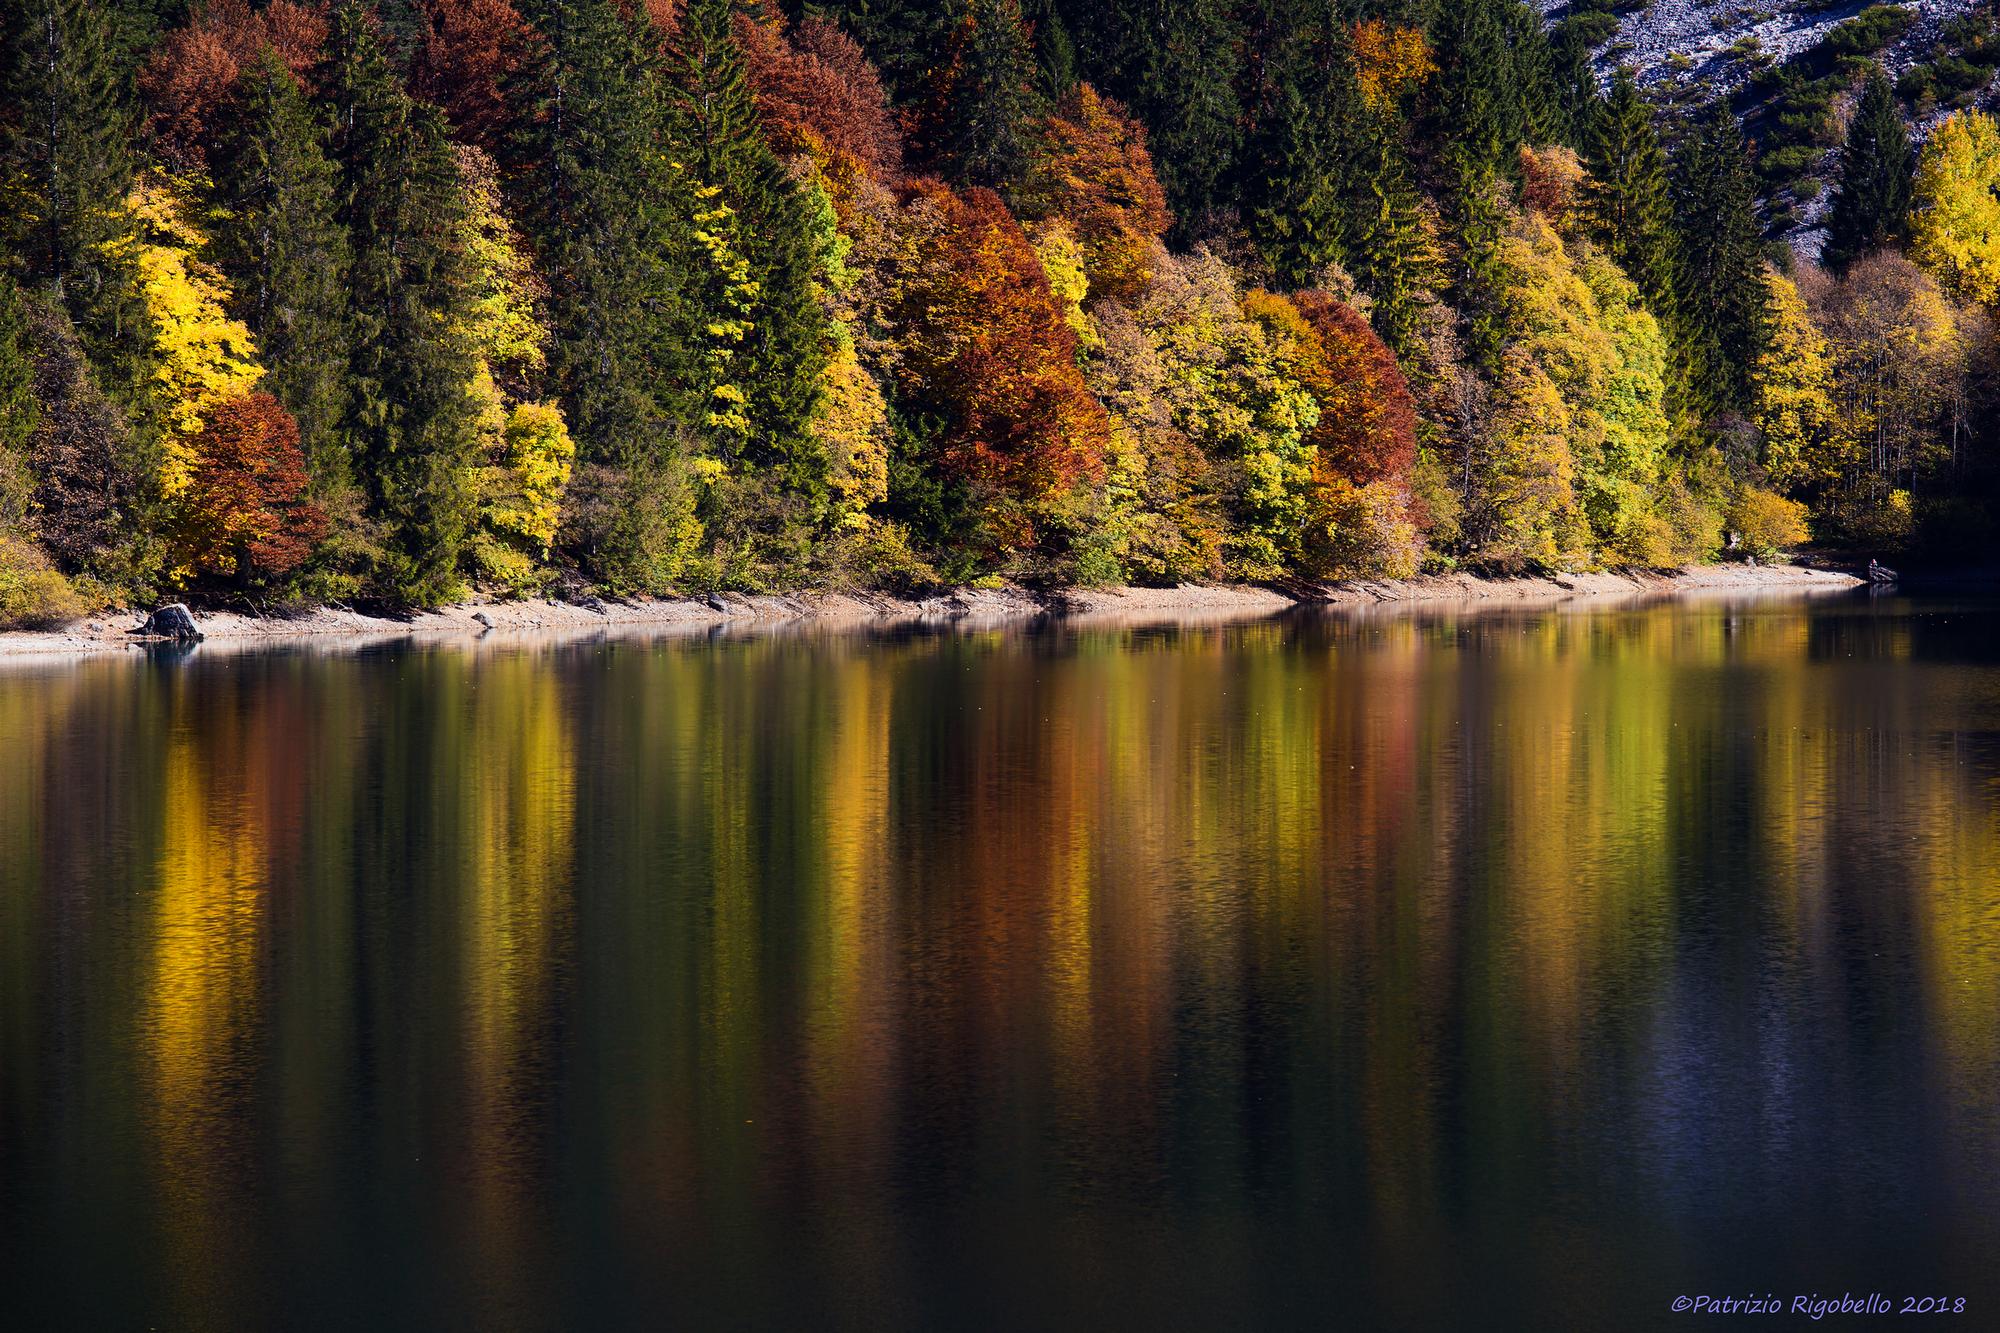 Autumn Reflections at Lake Tovel...